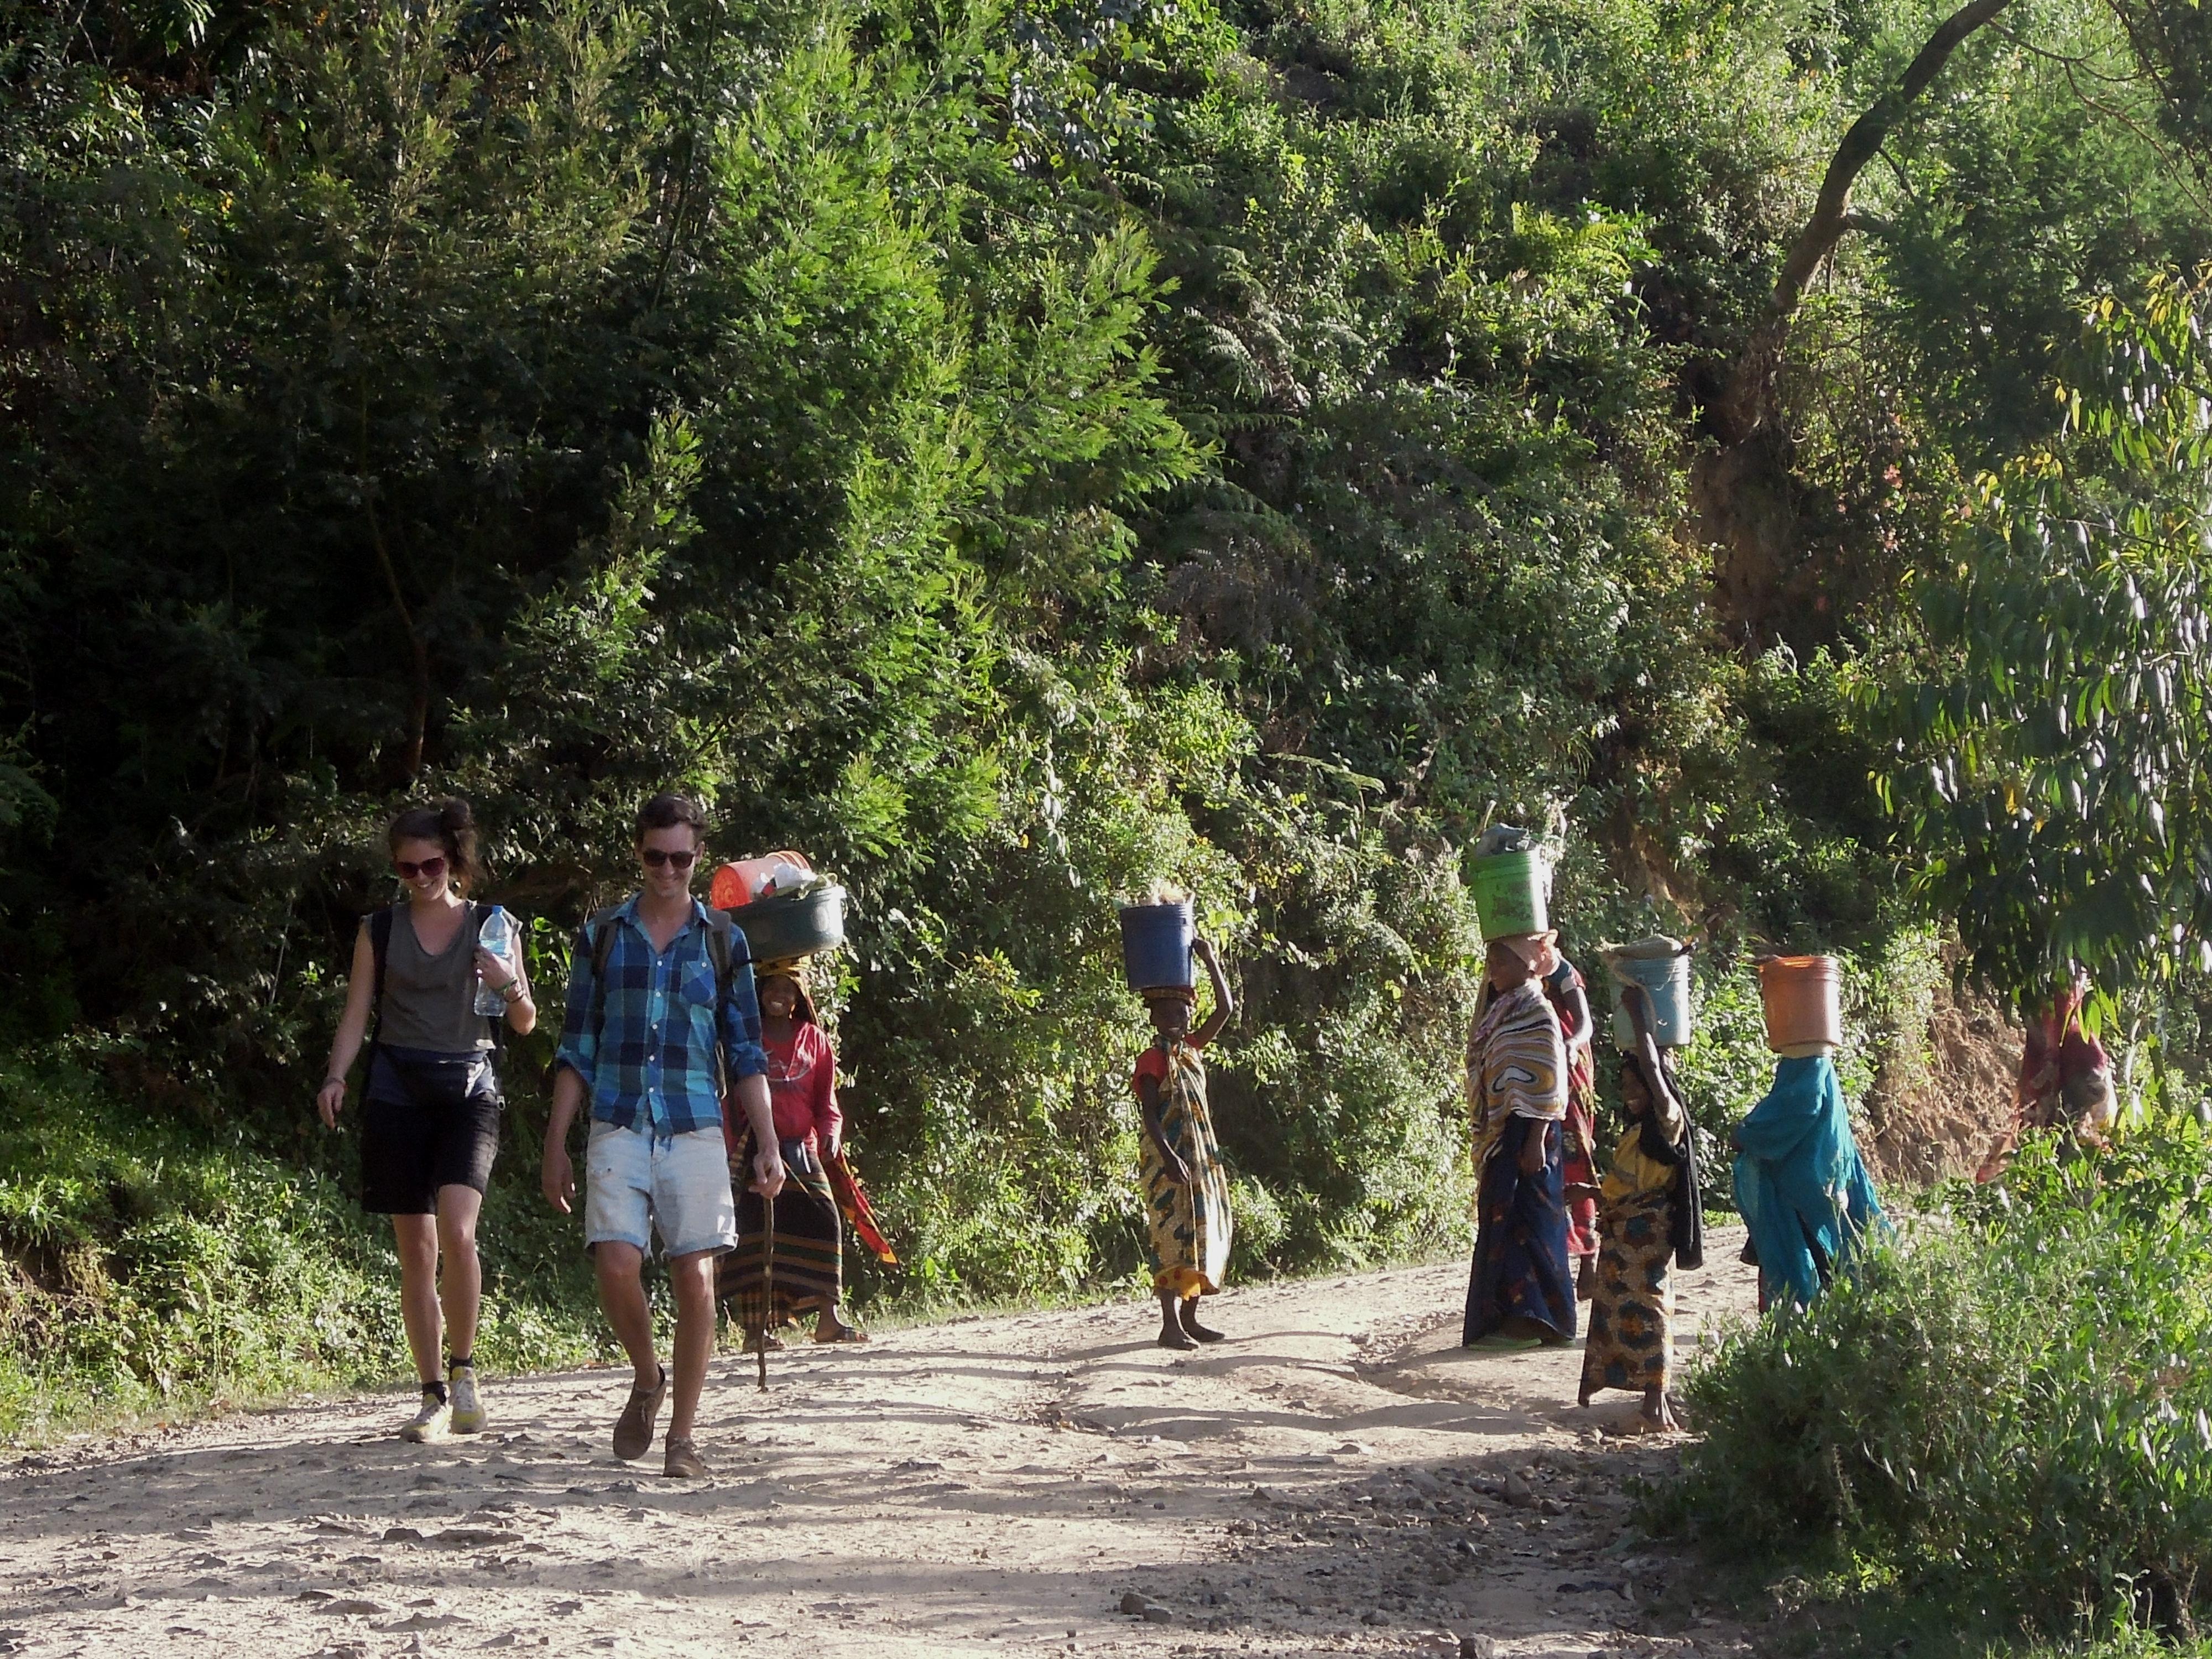 Jedni spacerują, kiedy inni pracują, Mambo, Góry Usambara, Tanzania, fot. A. Mielczarek